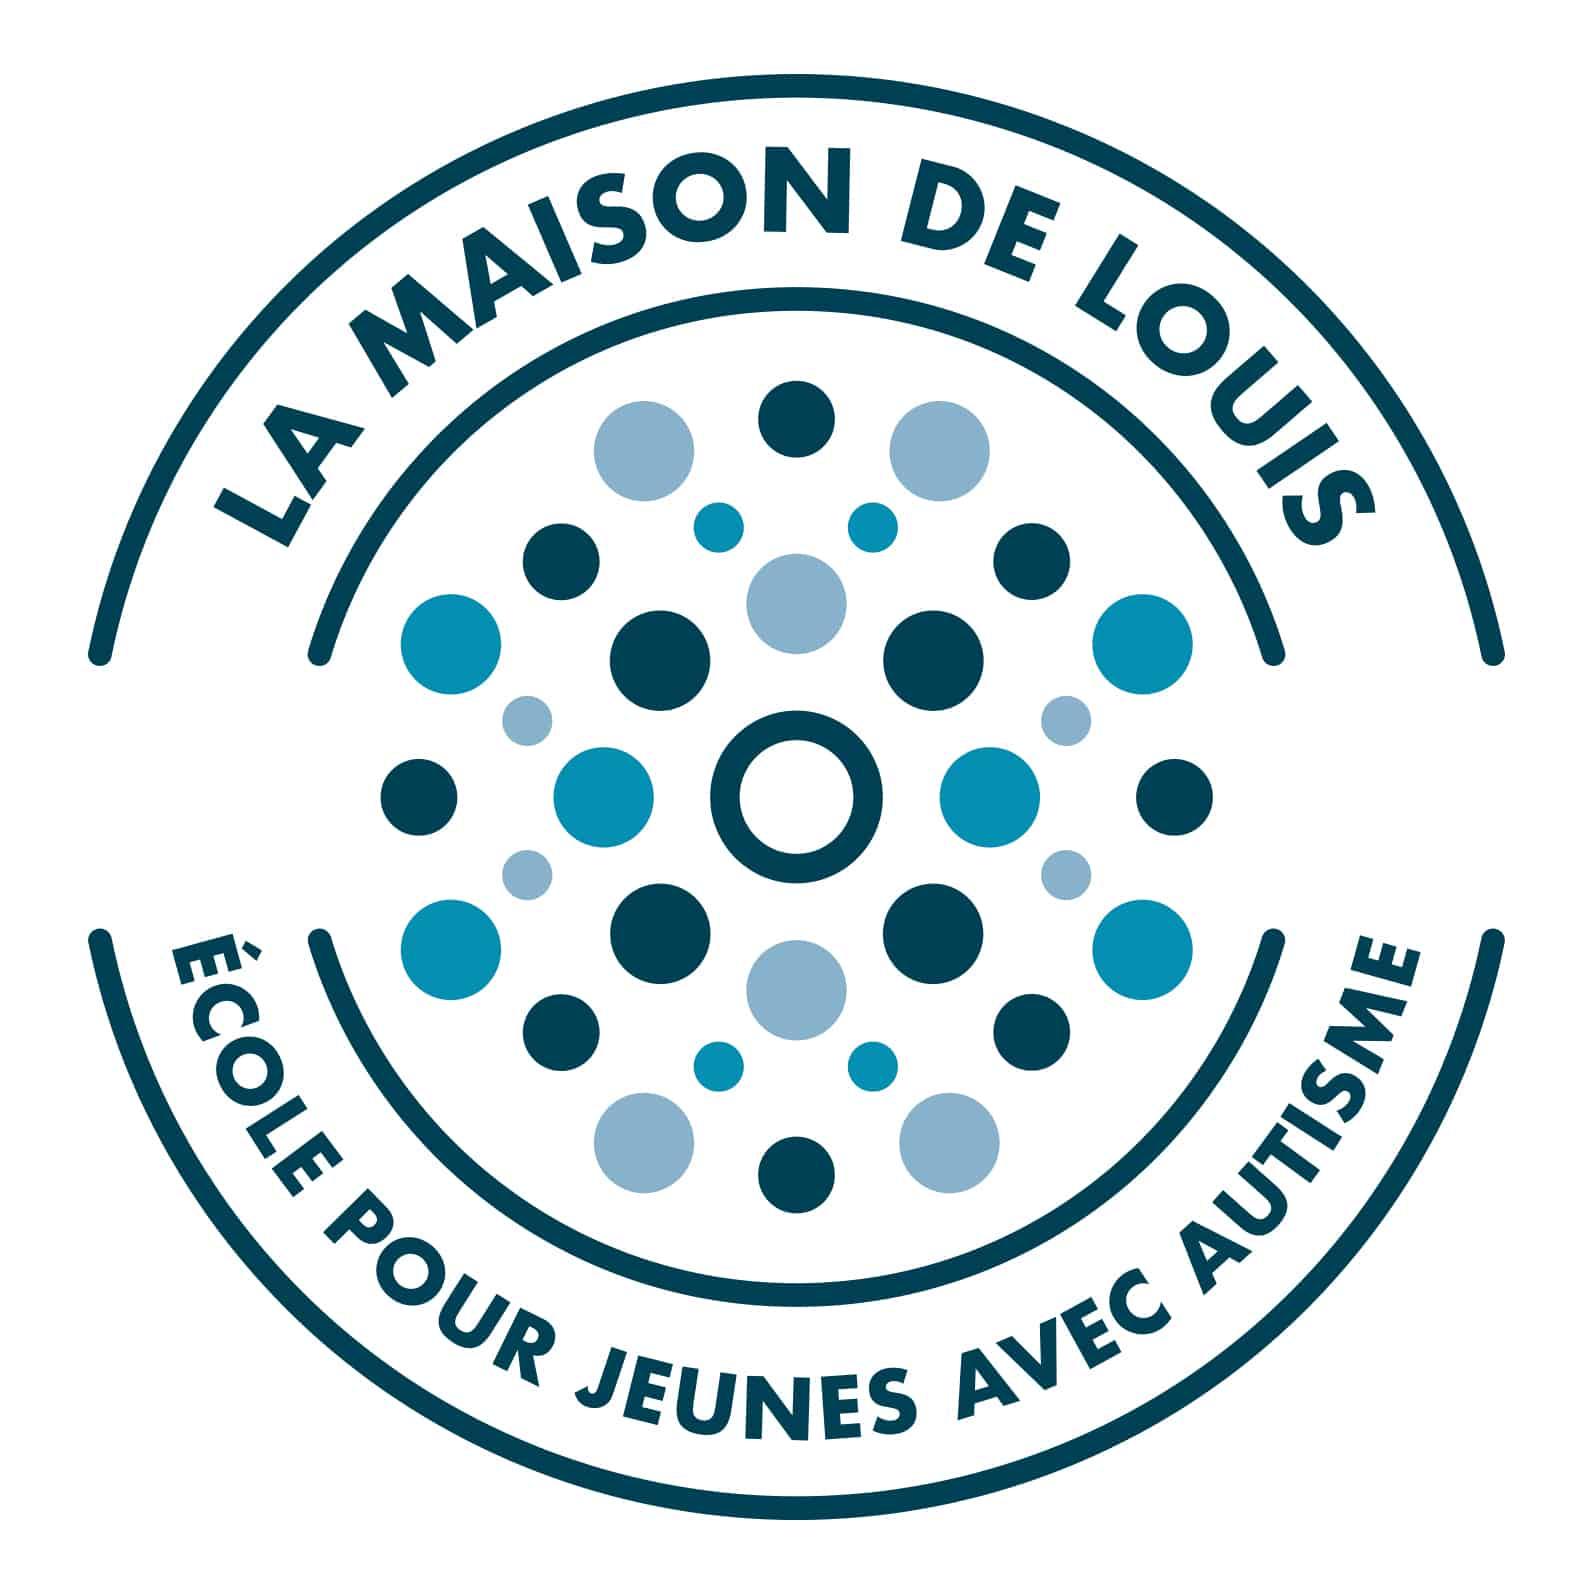 Loso Maison de Louis